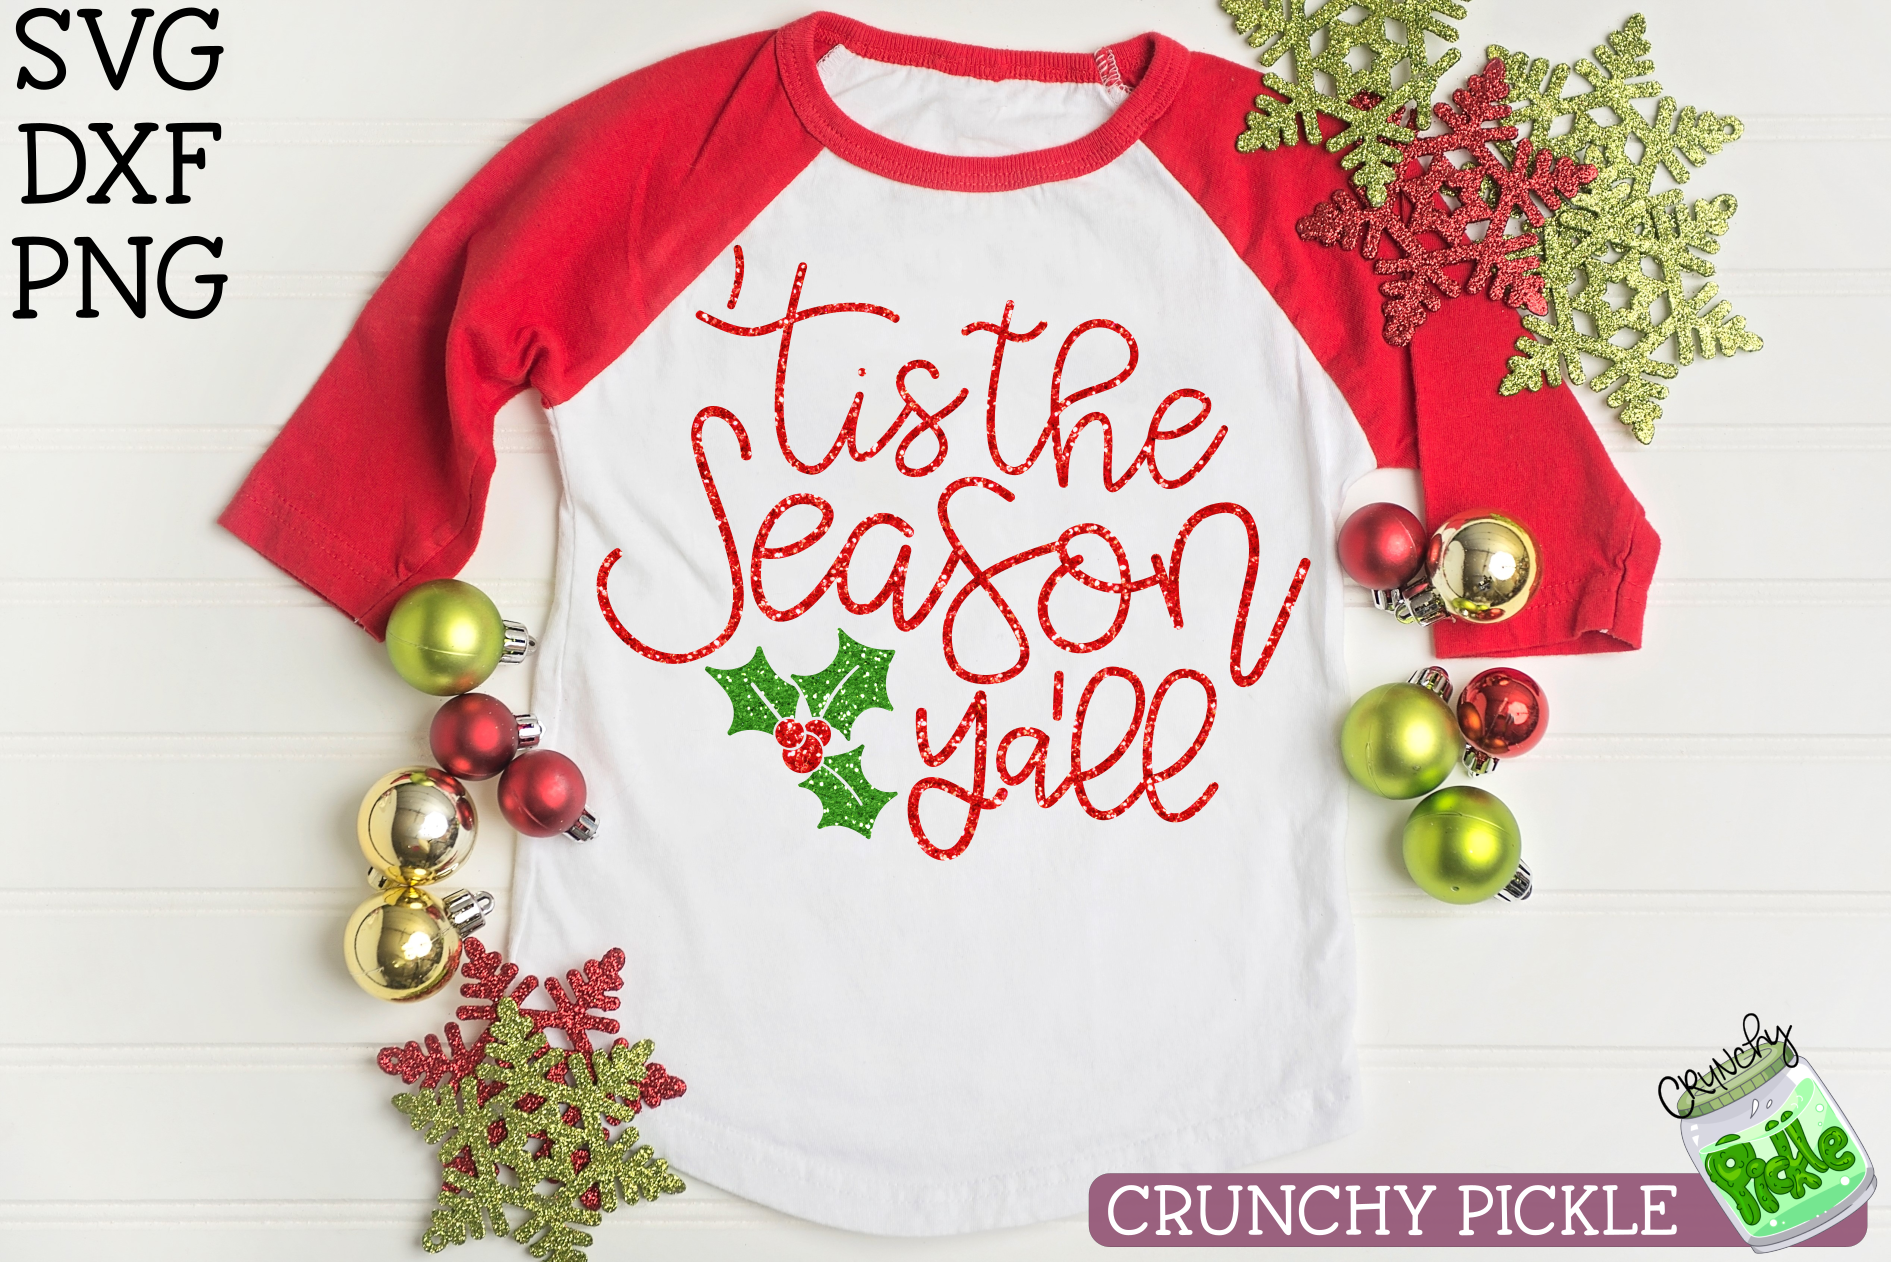 Tis the Season Ya'll Christmas SVG example image 3